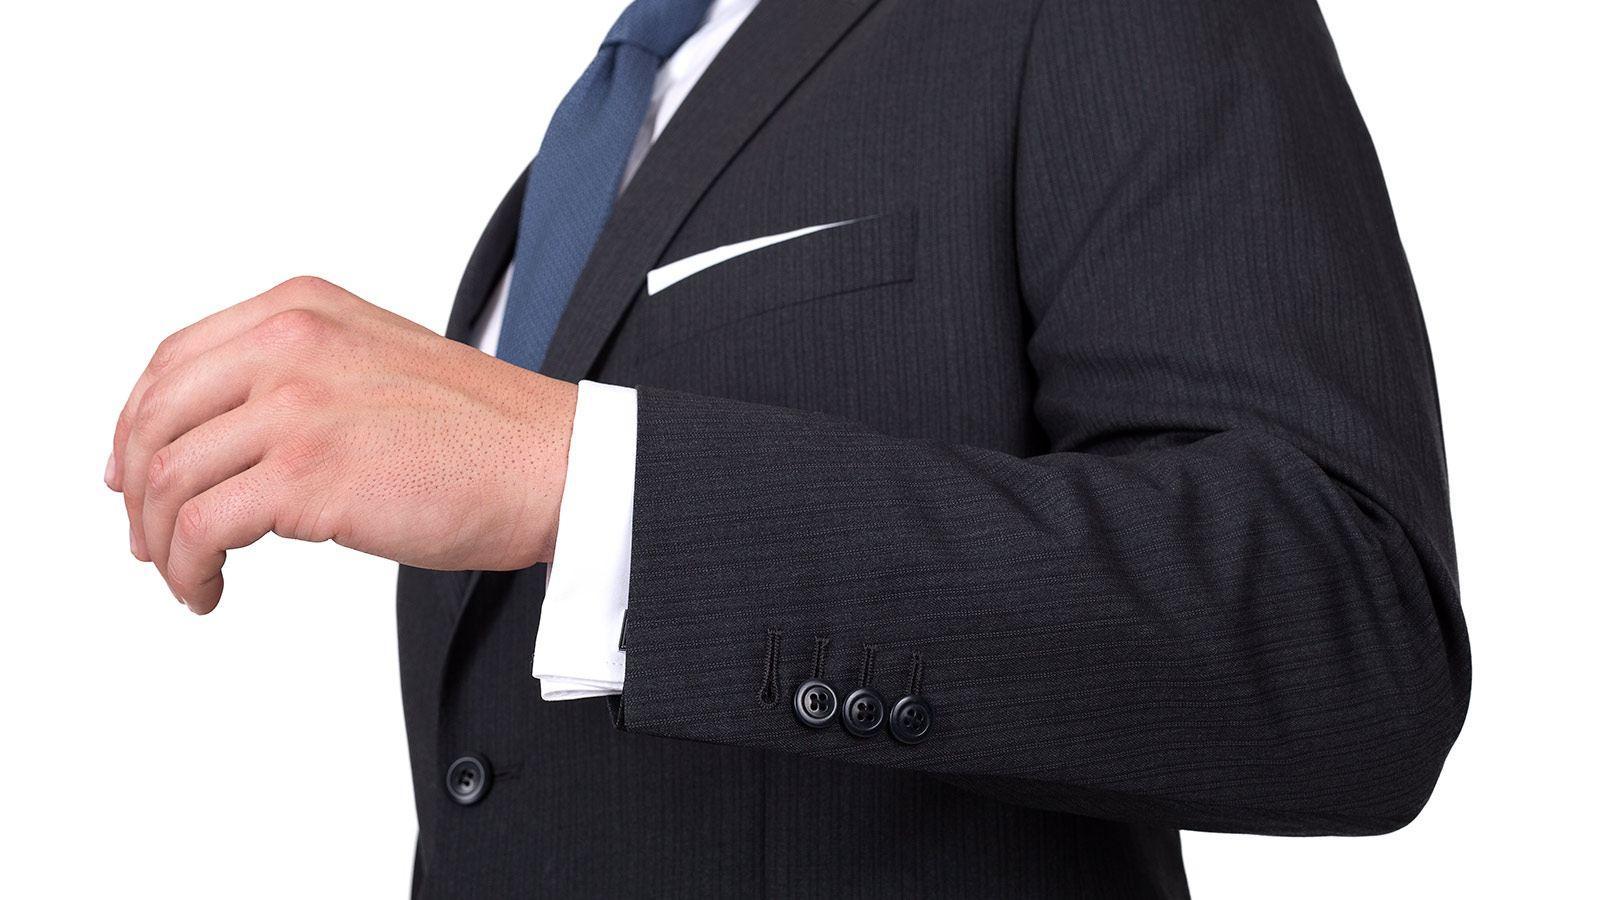 Premium Grey Track Stripe Suit - slider image 1